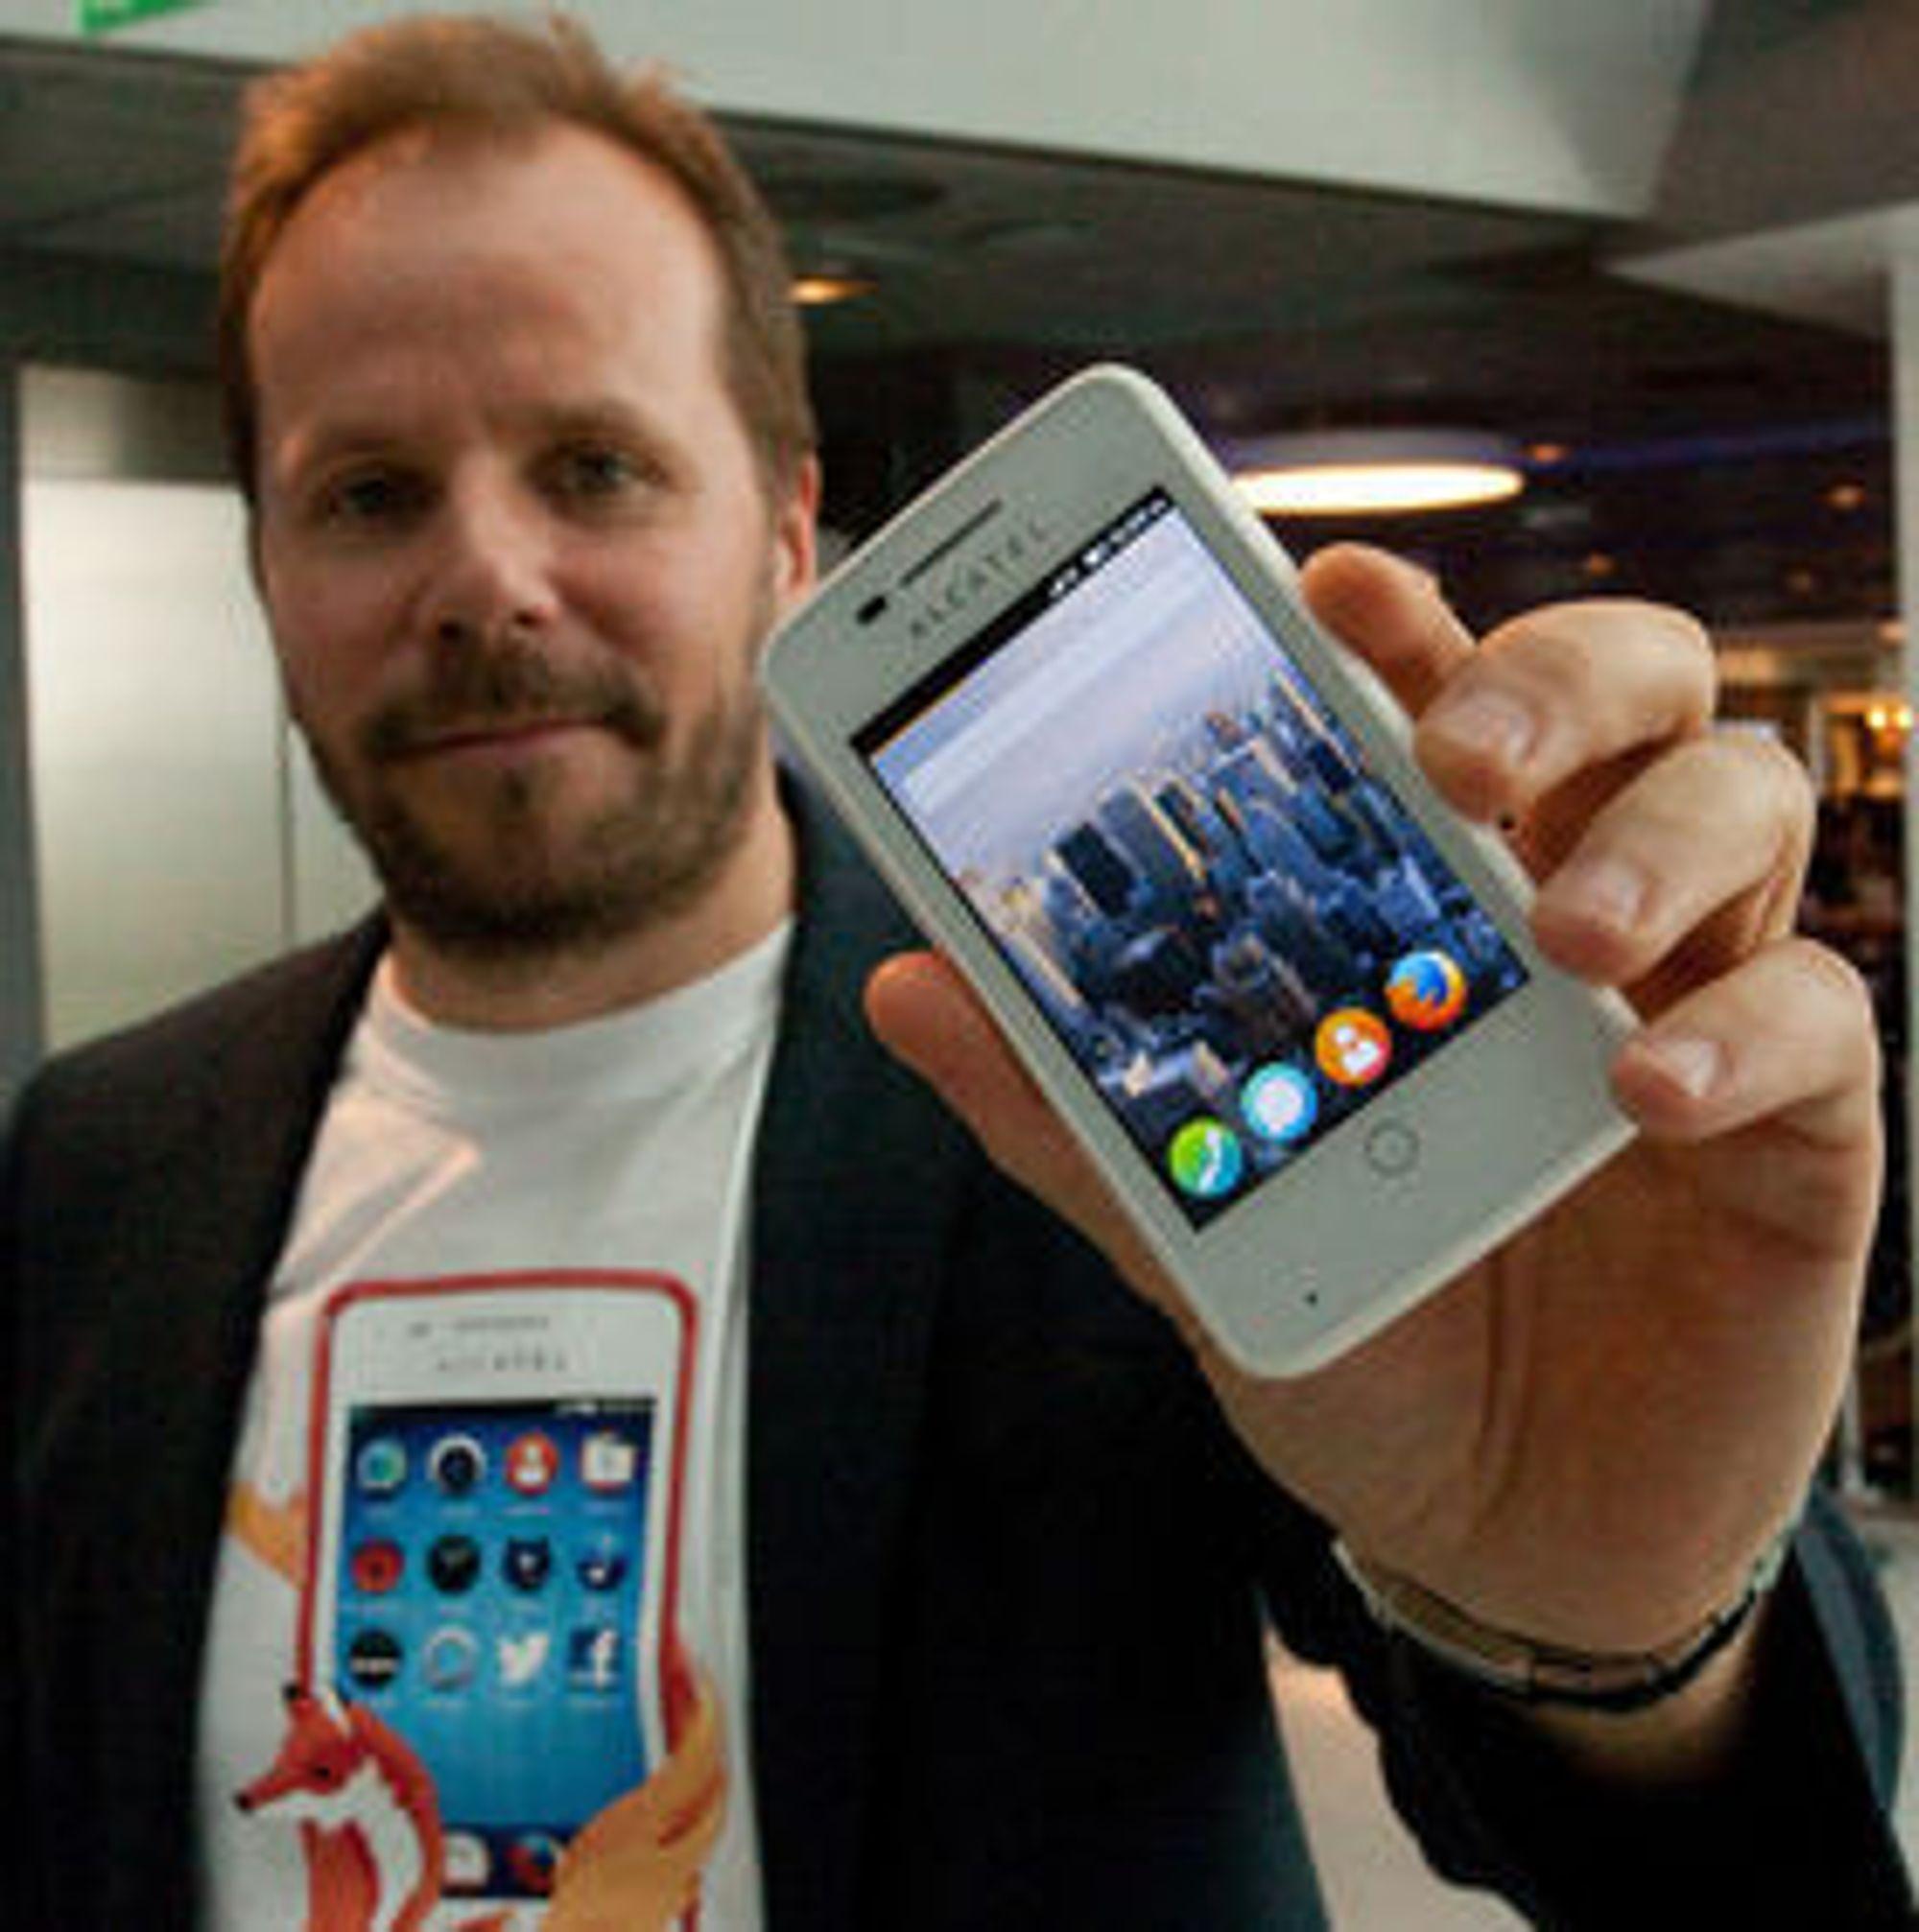 Prosjektleder for Firefox-løpet i Telenor, Frode Vestnes, viser her frem mobilen som de nå har lansert. Senere kommer det flere modeller.